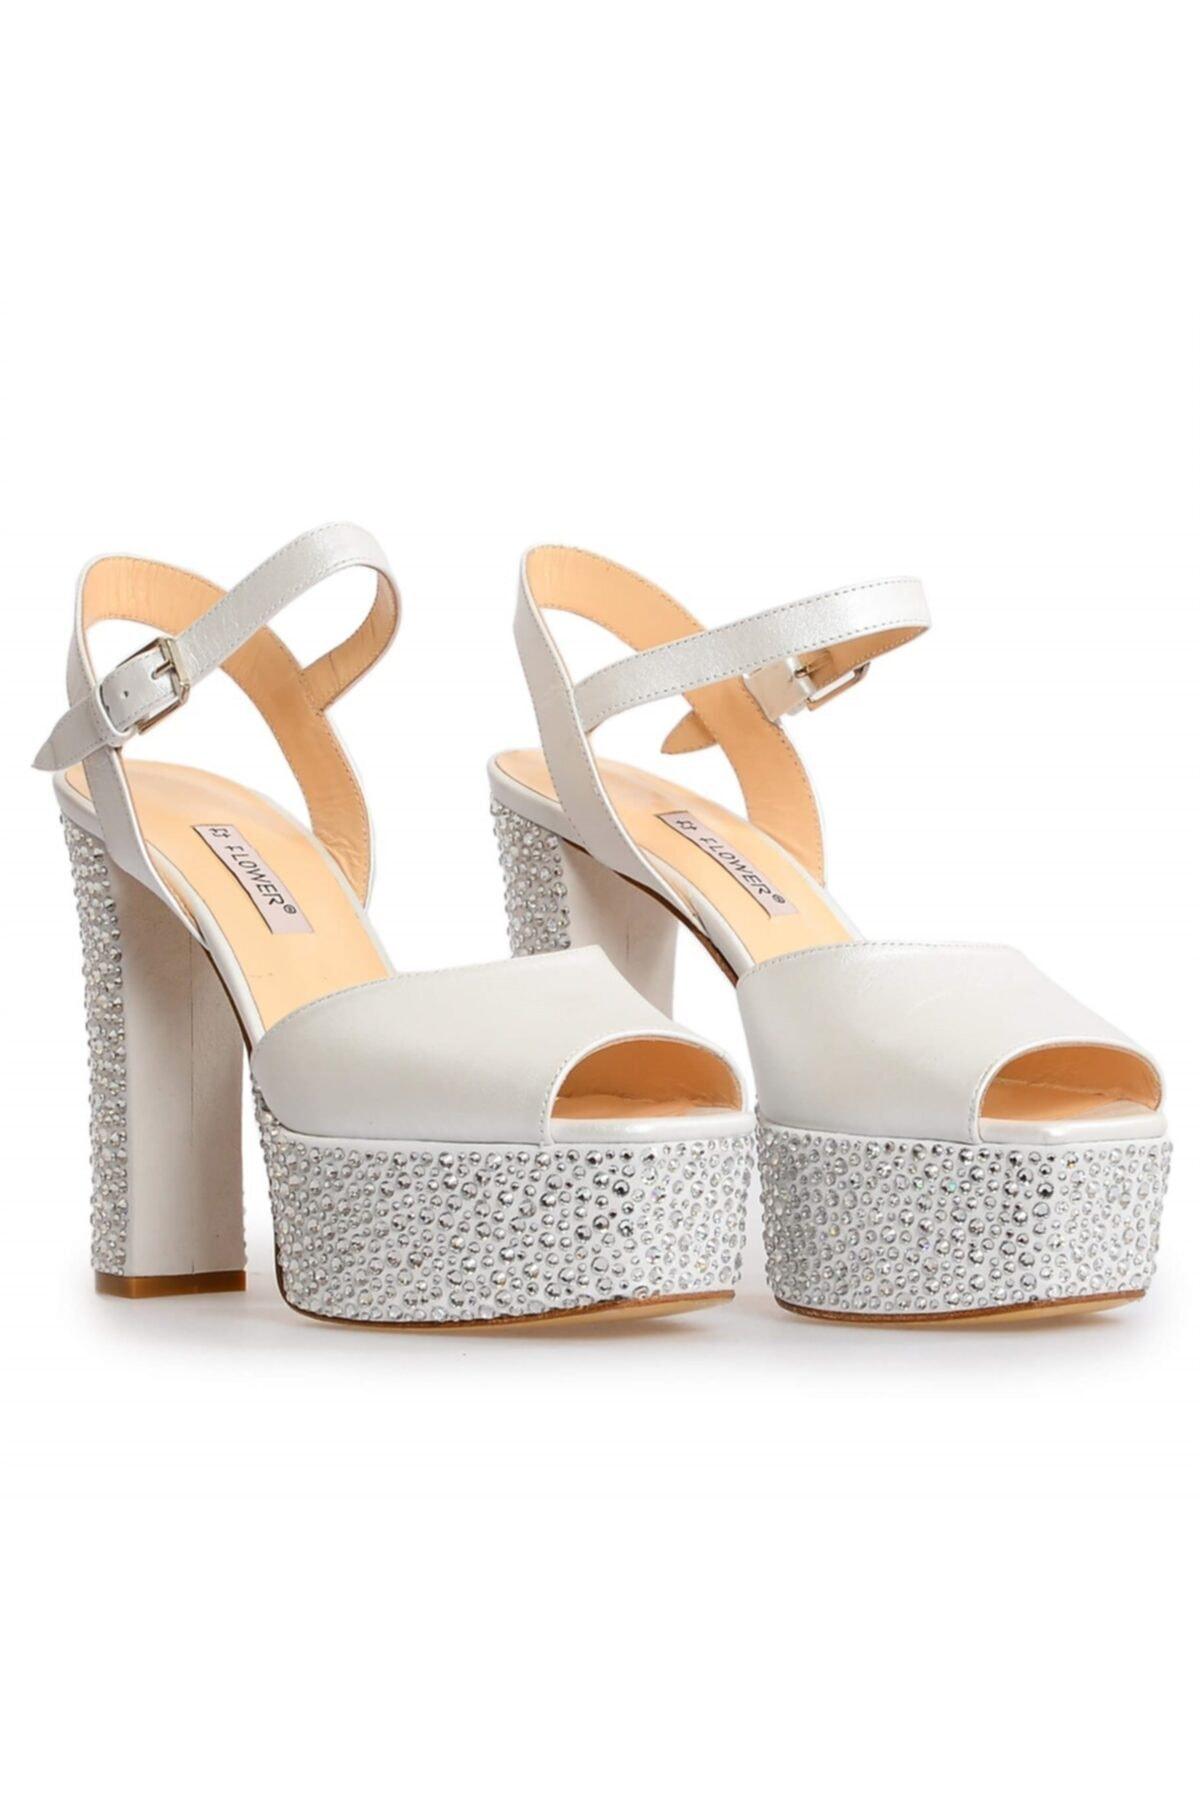 Flower Kadın Beyaz Deri Platformlu Taşlı Abiye Ayakkabı 1